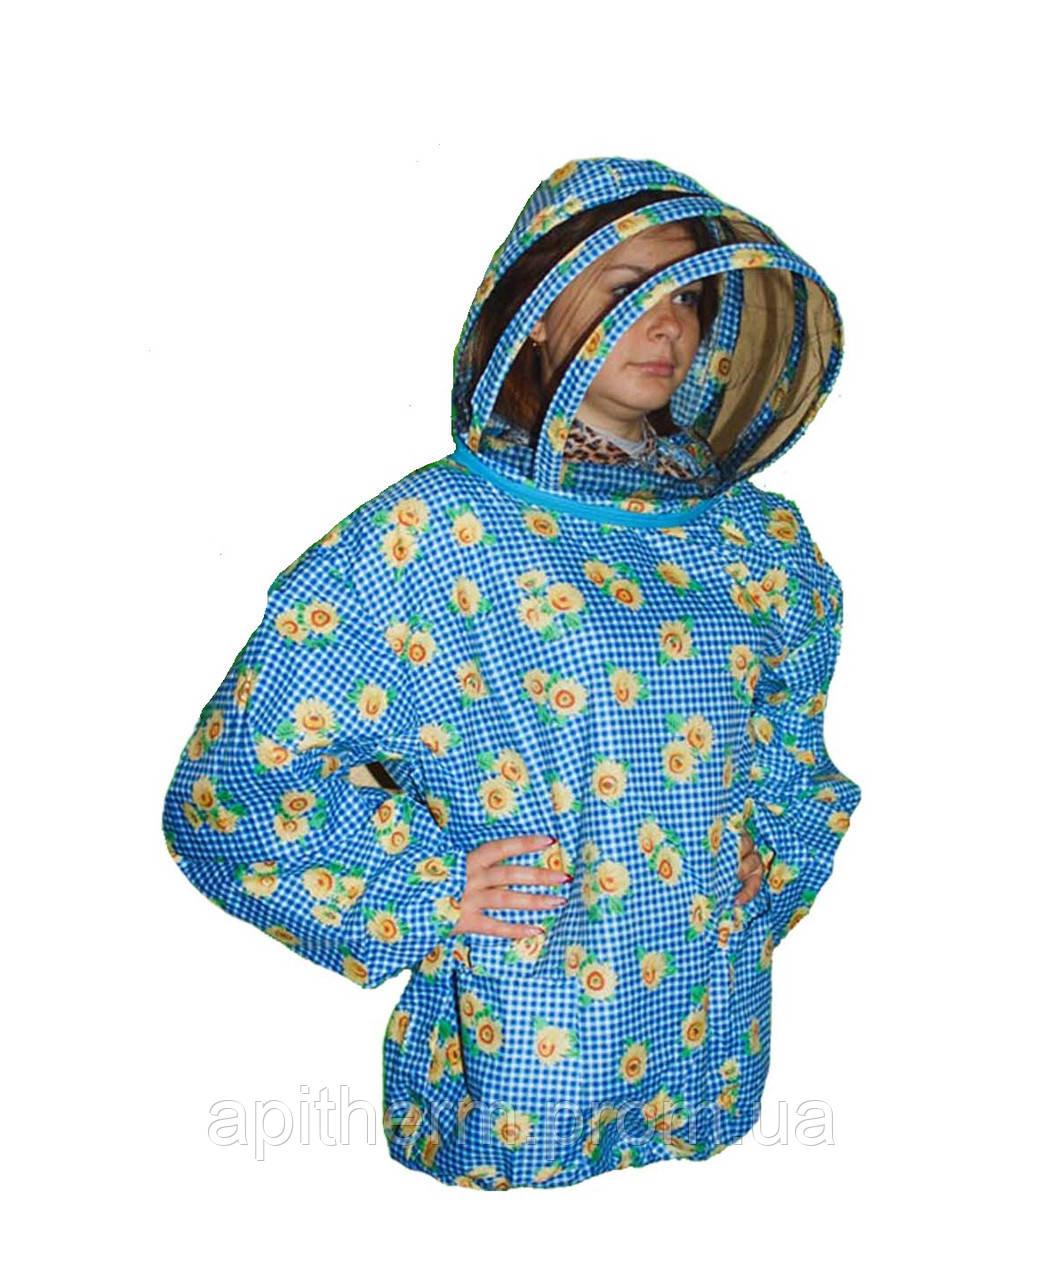 Куртка пчеловода Евро Без замка100% Хлопок облегчённый. Размер М / 48-50